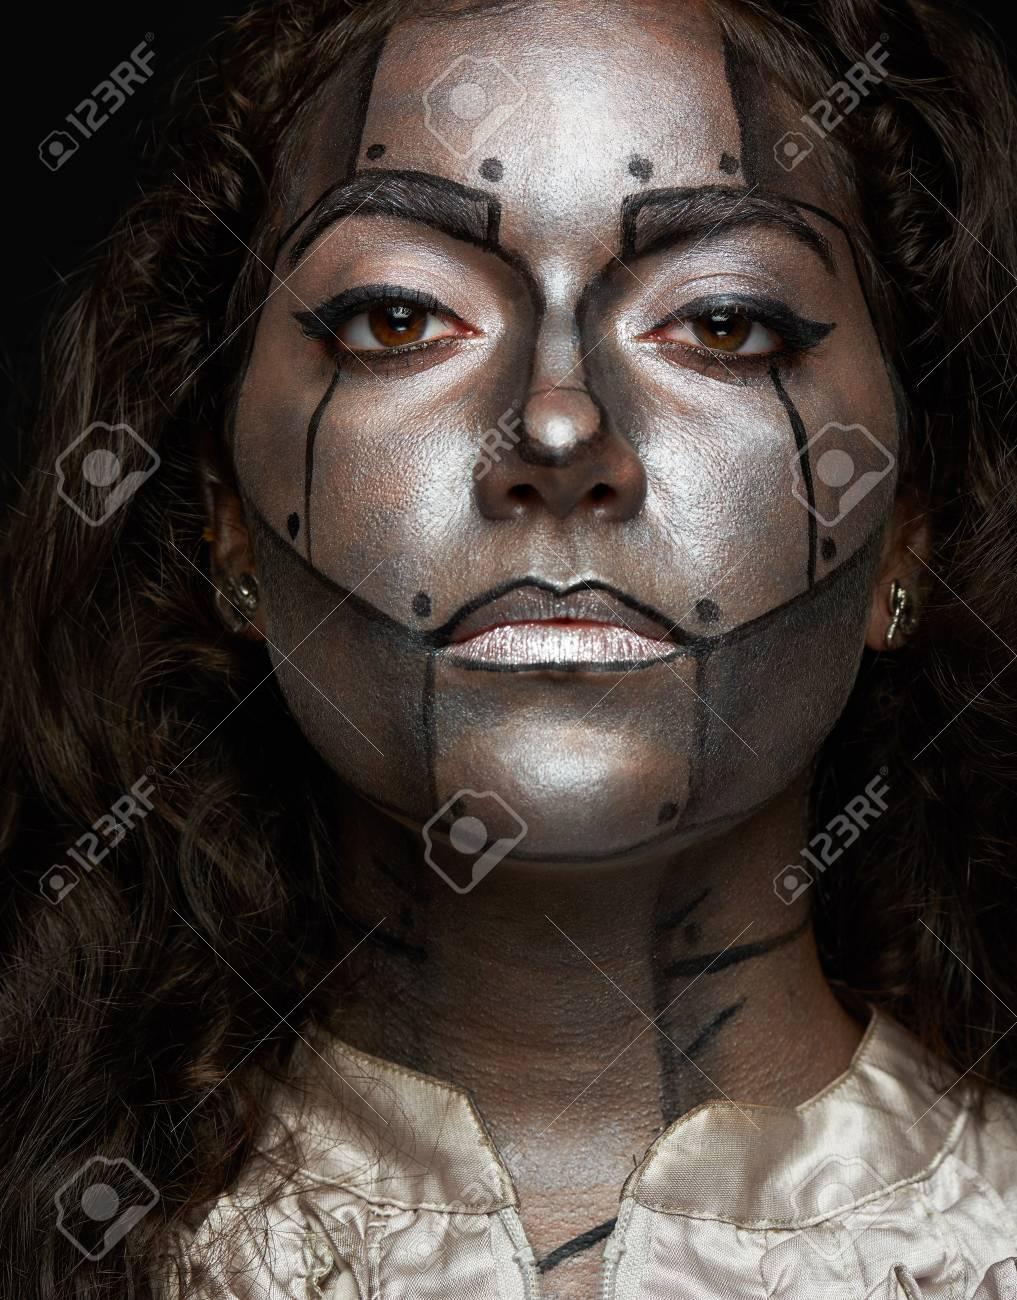 Eitelkeit Gesicht Bemalen Dekoration Von Frauen Ernsten Blick Mit Kunst Am Körper